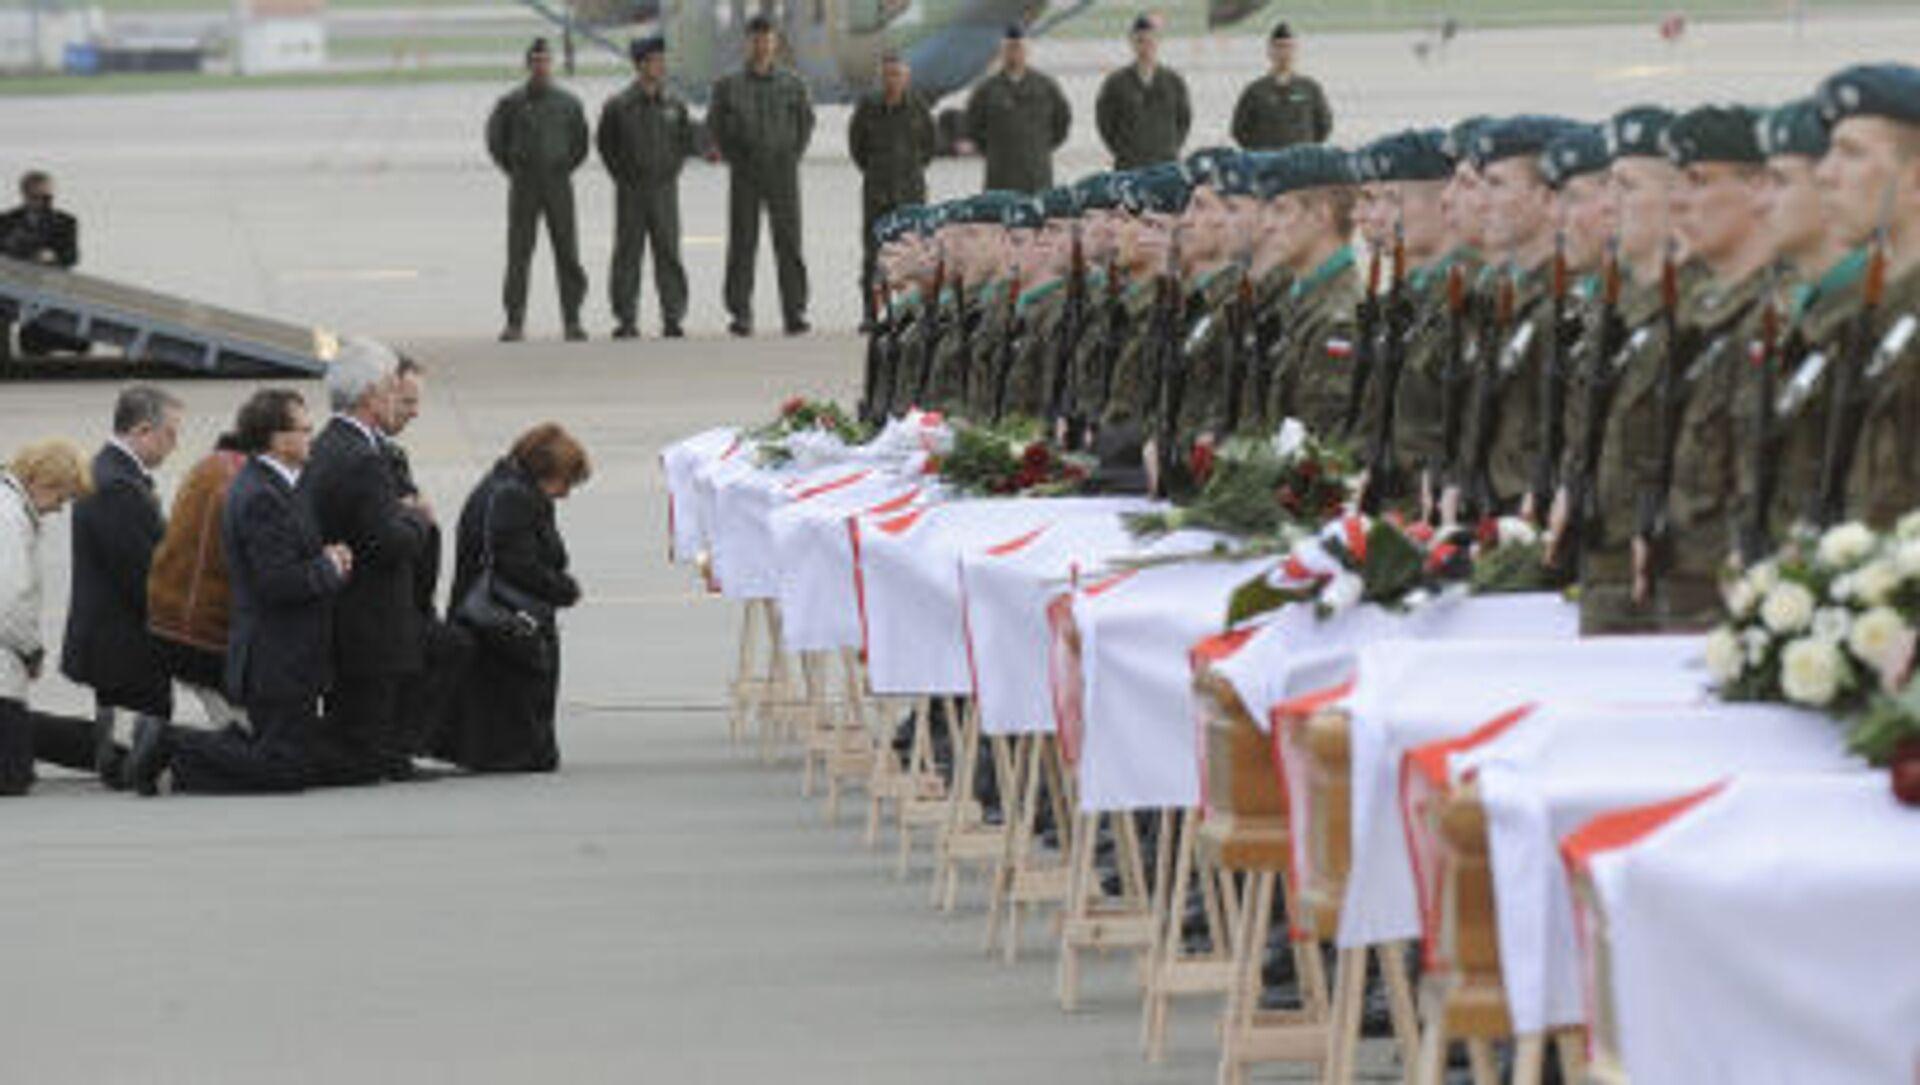 Krewni i bliscy na pogrzebie ofiar katastrofy prezydenckiego samolotu pod Smoleńskiem, 15 kwietnia 2010 r. - Sputnik Polska, 1920, 10.04.2021